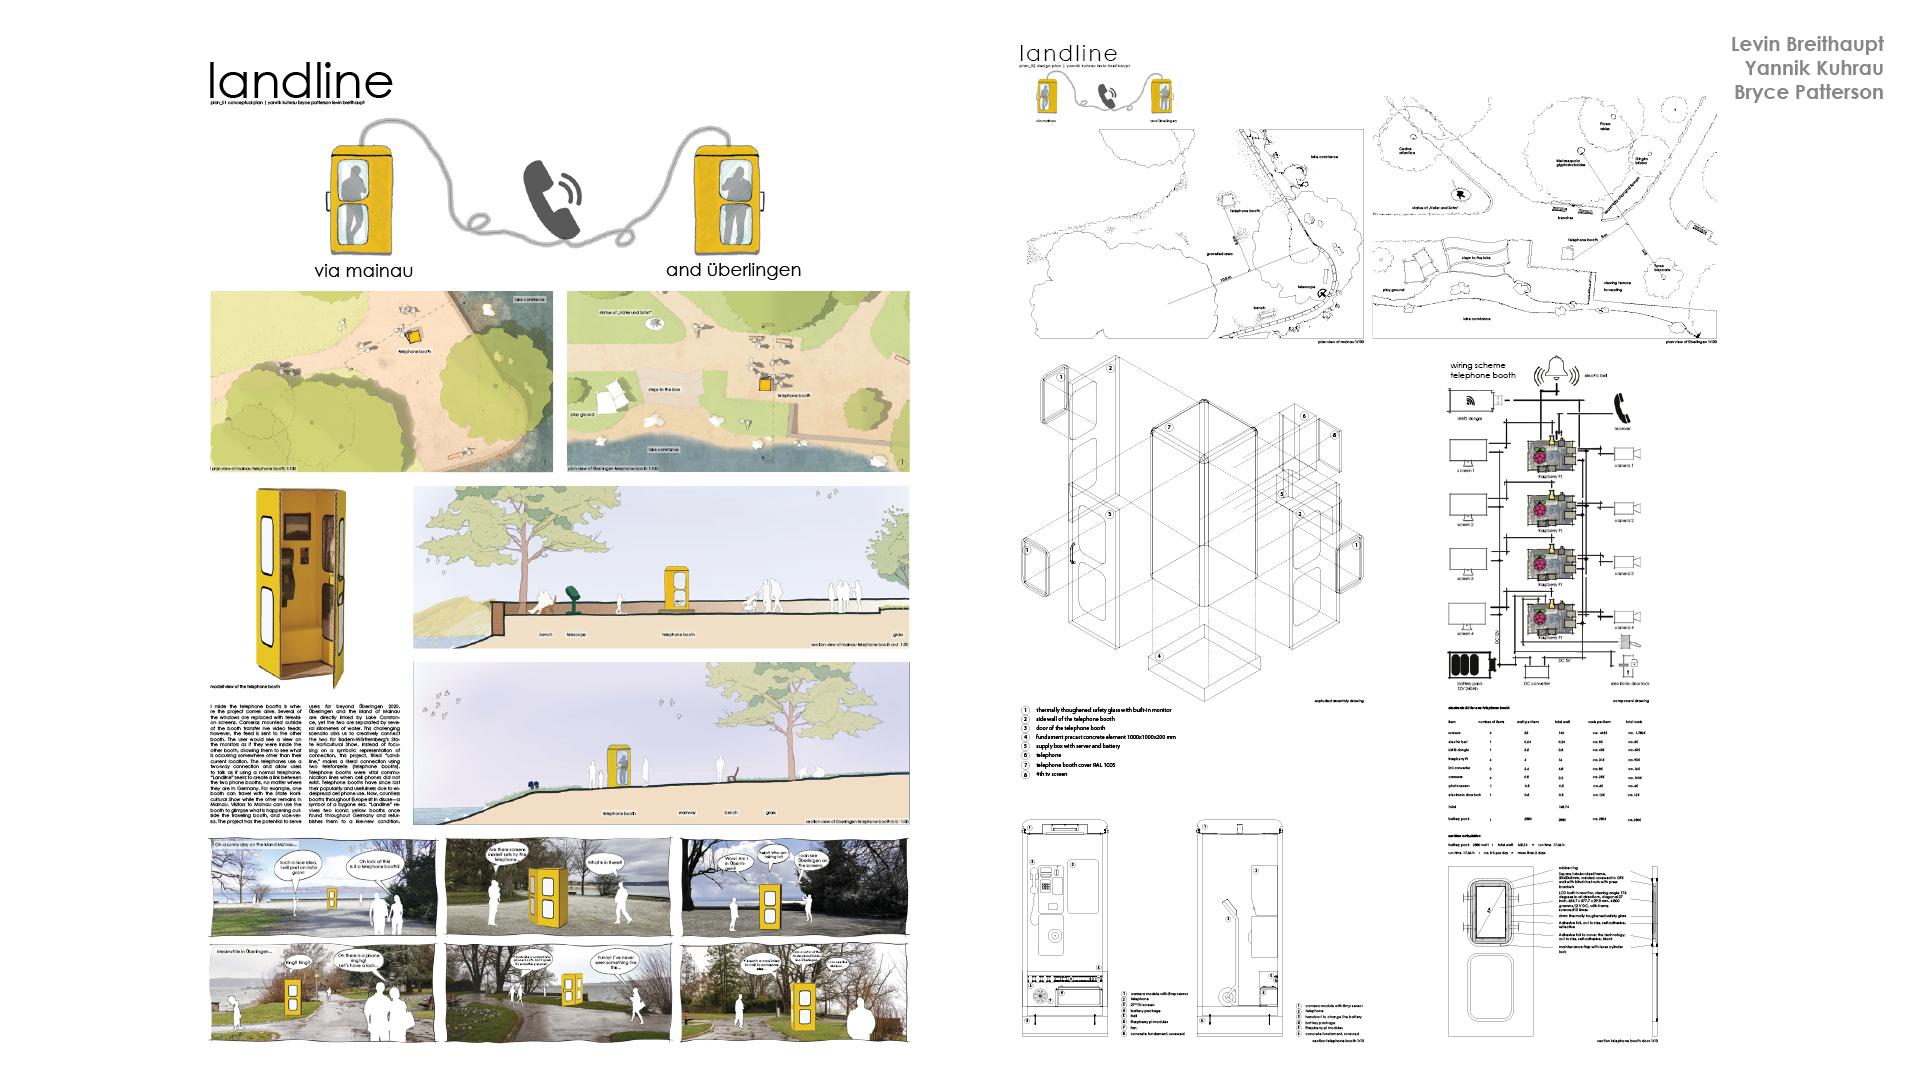 19.8.Workshop Integrierte Planung Watergardens Landline